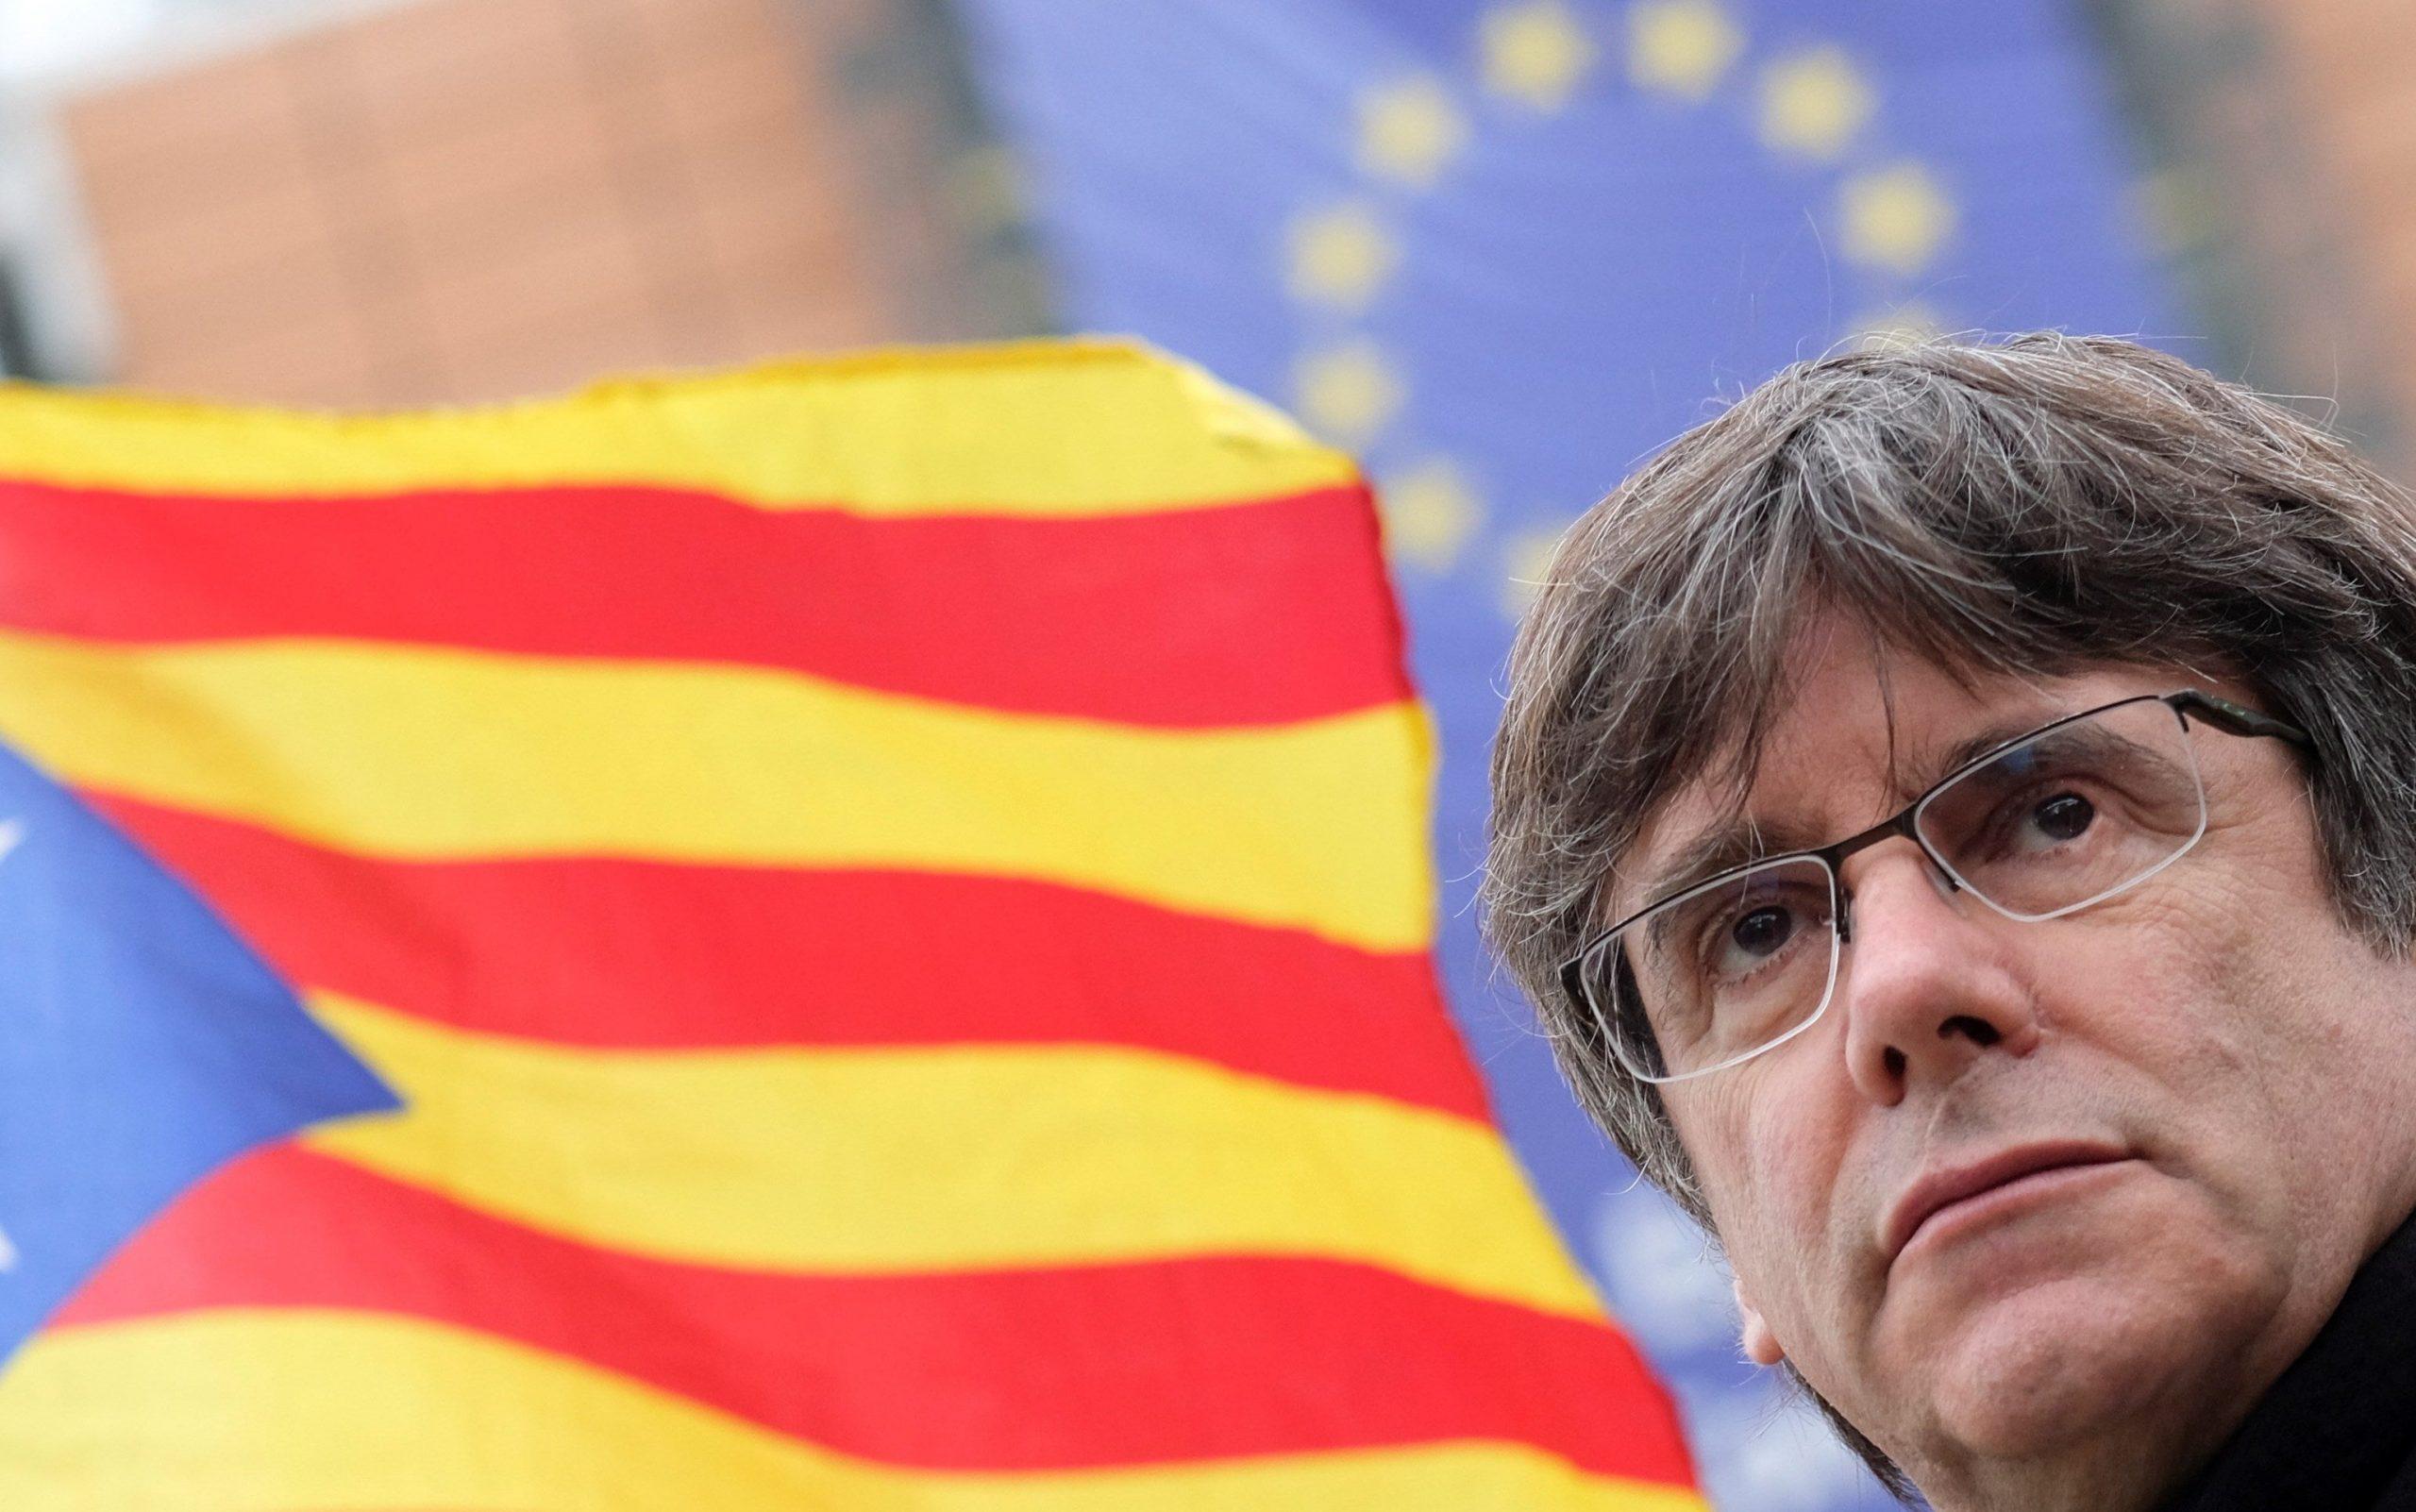 L'arresto del separatista catalano Puigdemont in Italia, grana politica e rompicapo